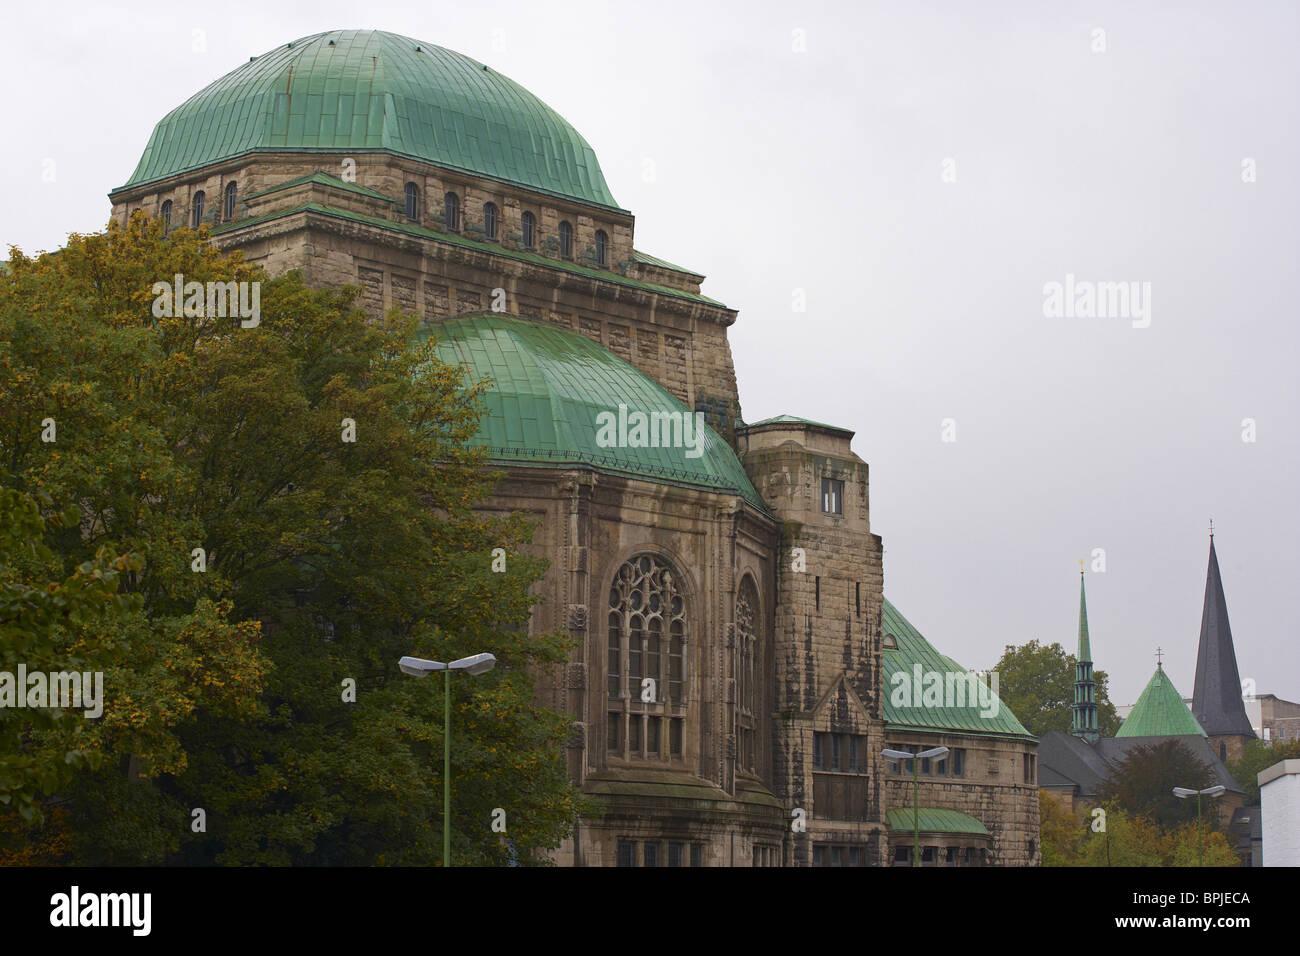 Alte synagoge stockfotos alte synagoge bilder alamy - Architekt essen ...